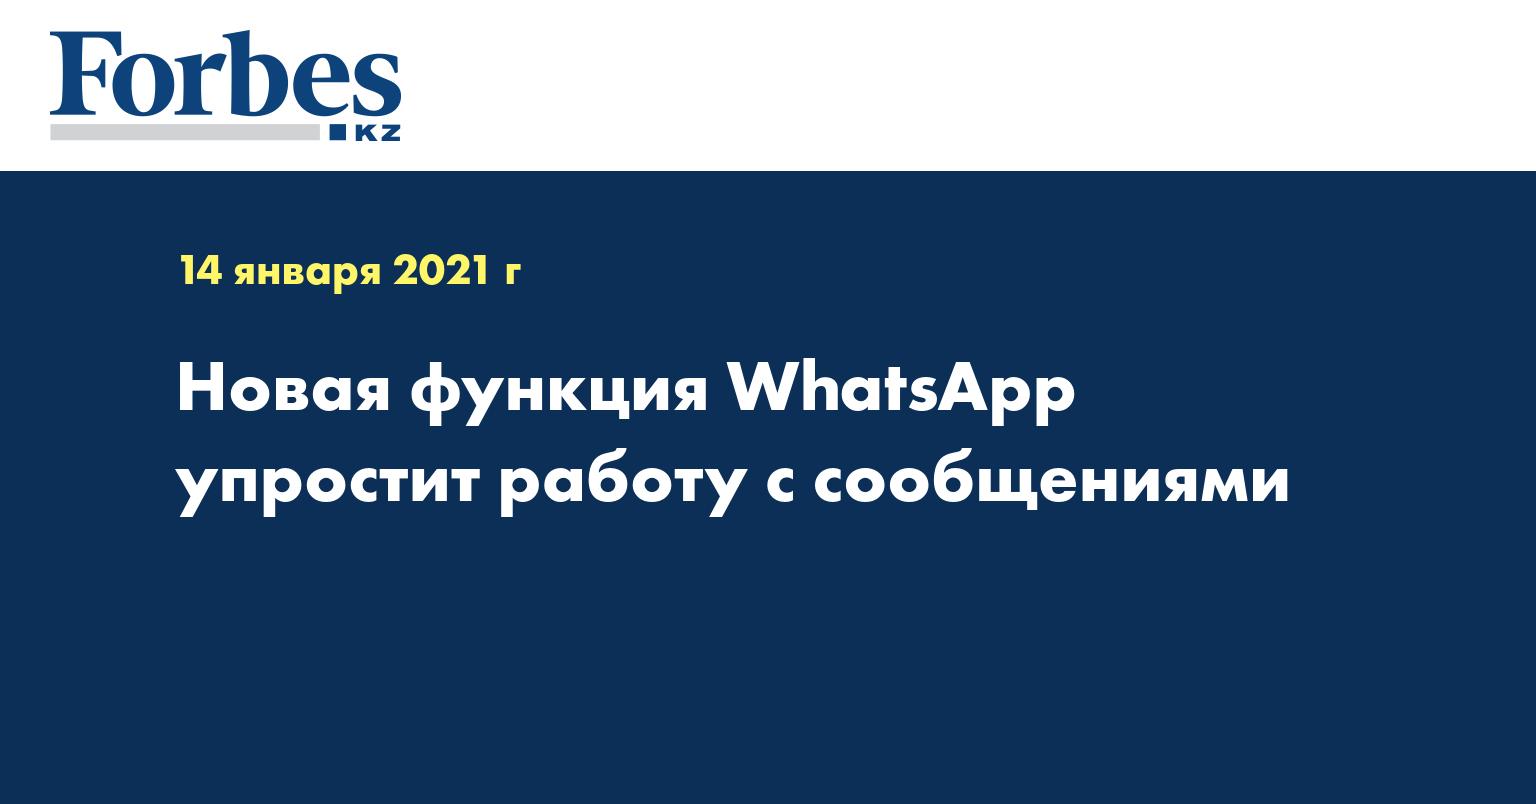 Новая функция WhatsApp упростит работу с сообщениями